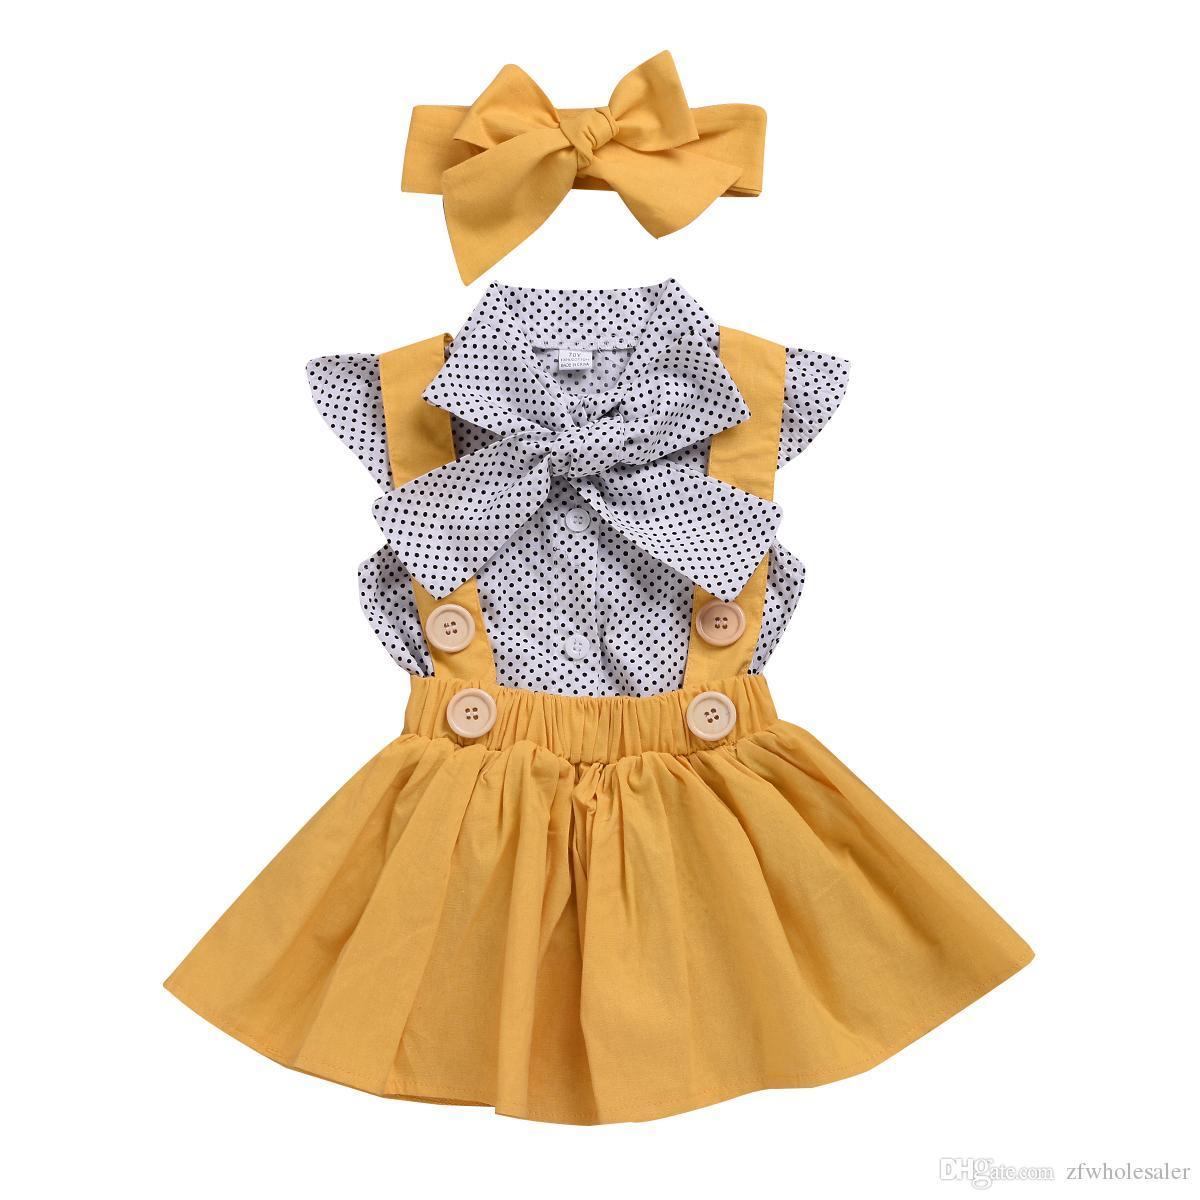 petite fille robes formelles vêtements design enfants filles bébé fille Fête de mariage Robes enfants vêtements de créateurs de luxe filles Vêtements Costume